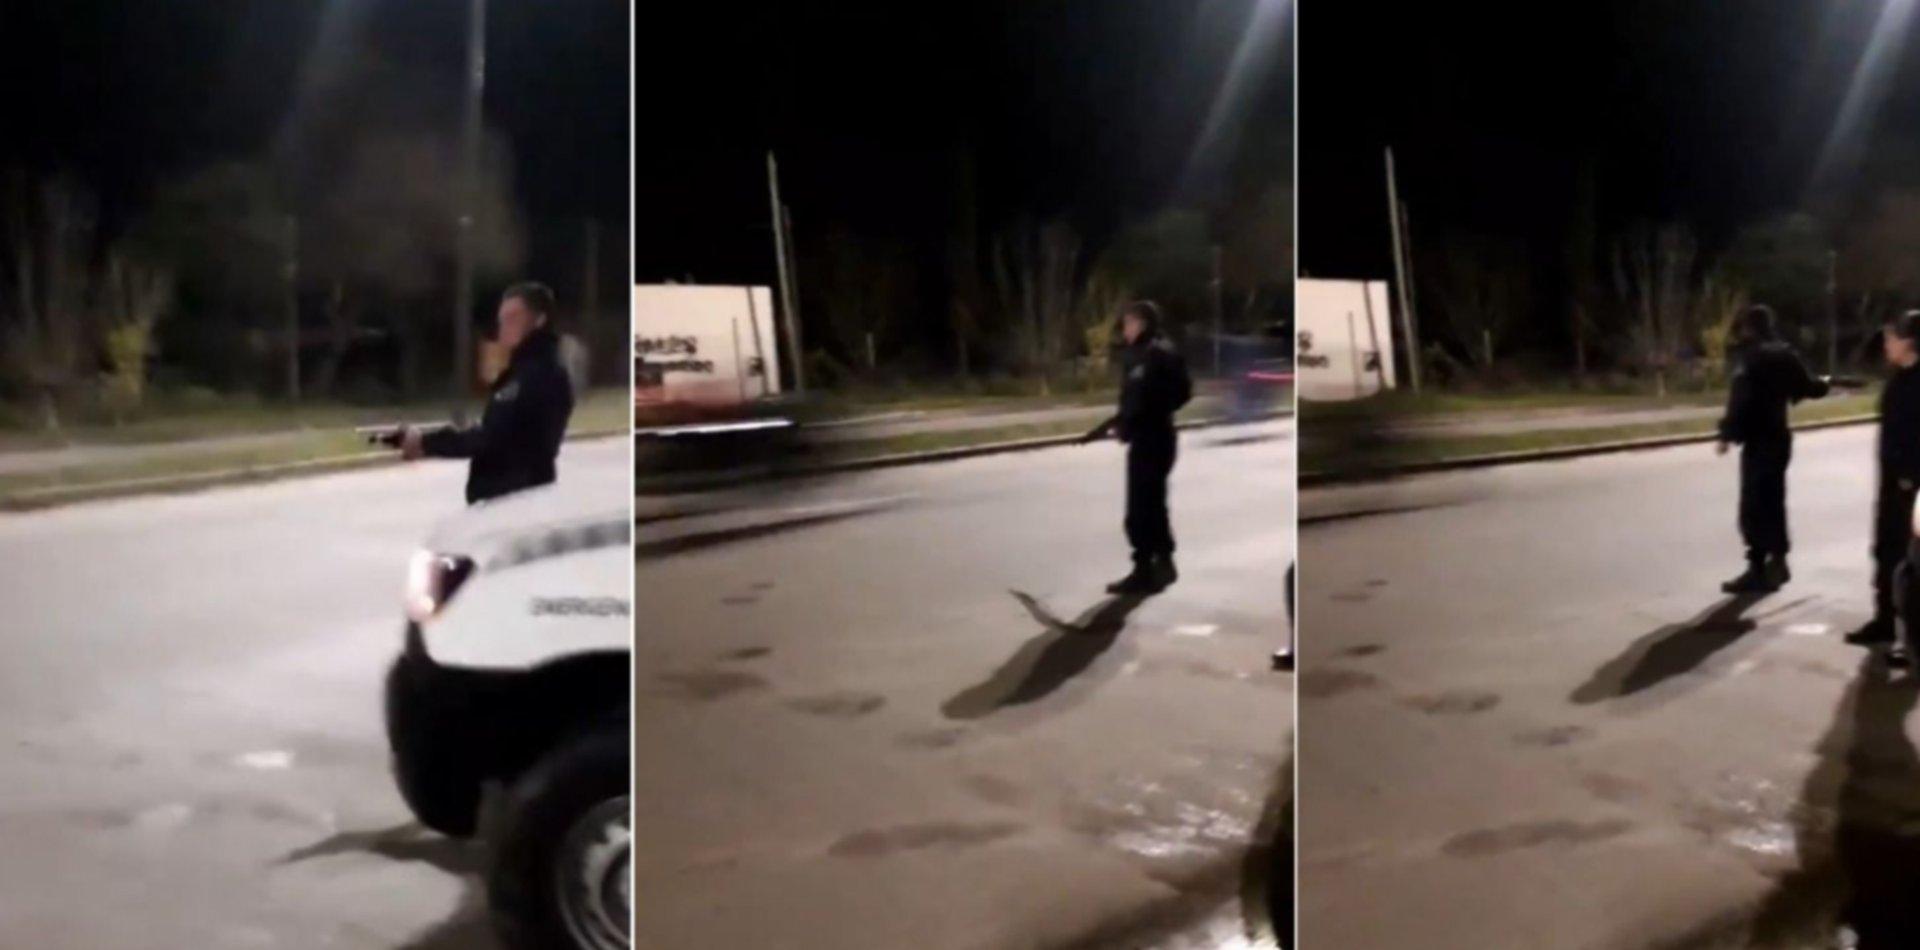 VIDEO: Pasaron por un control antipicadas en La Plata, no pararon y les dispararon